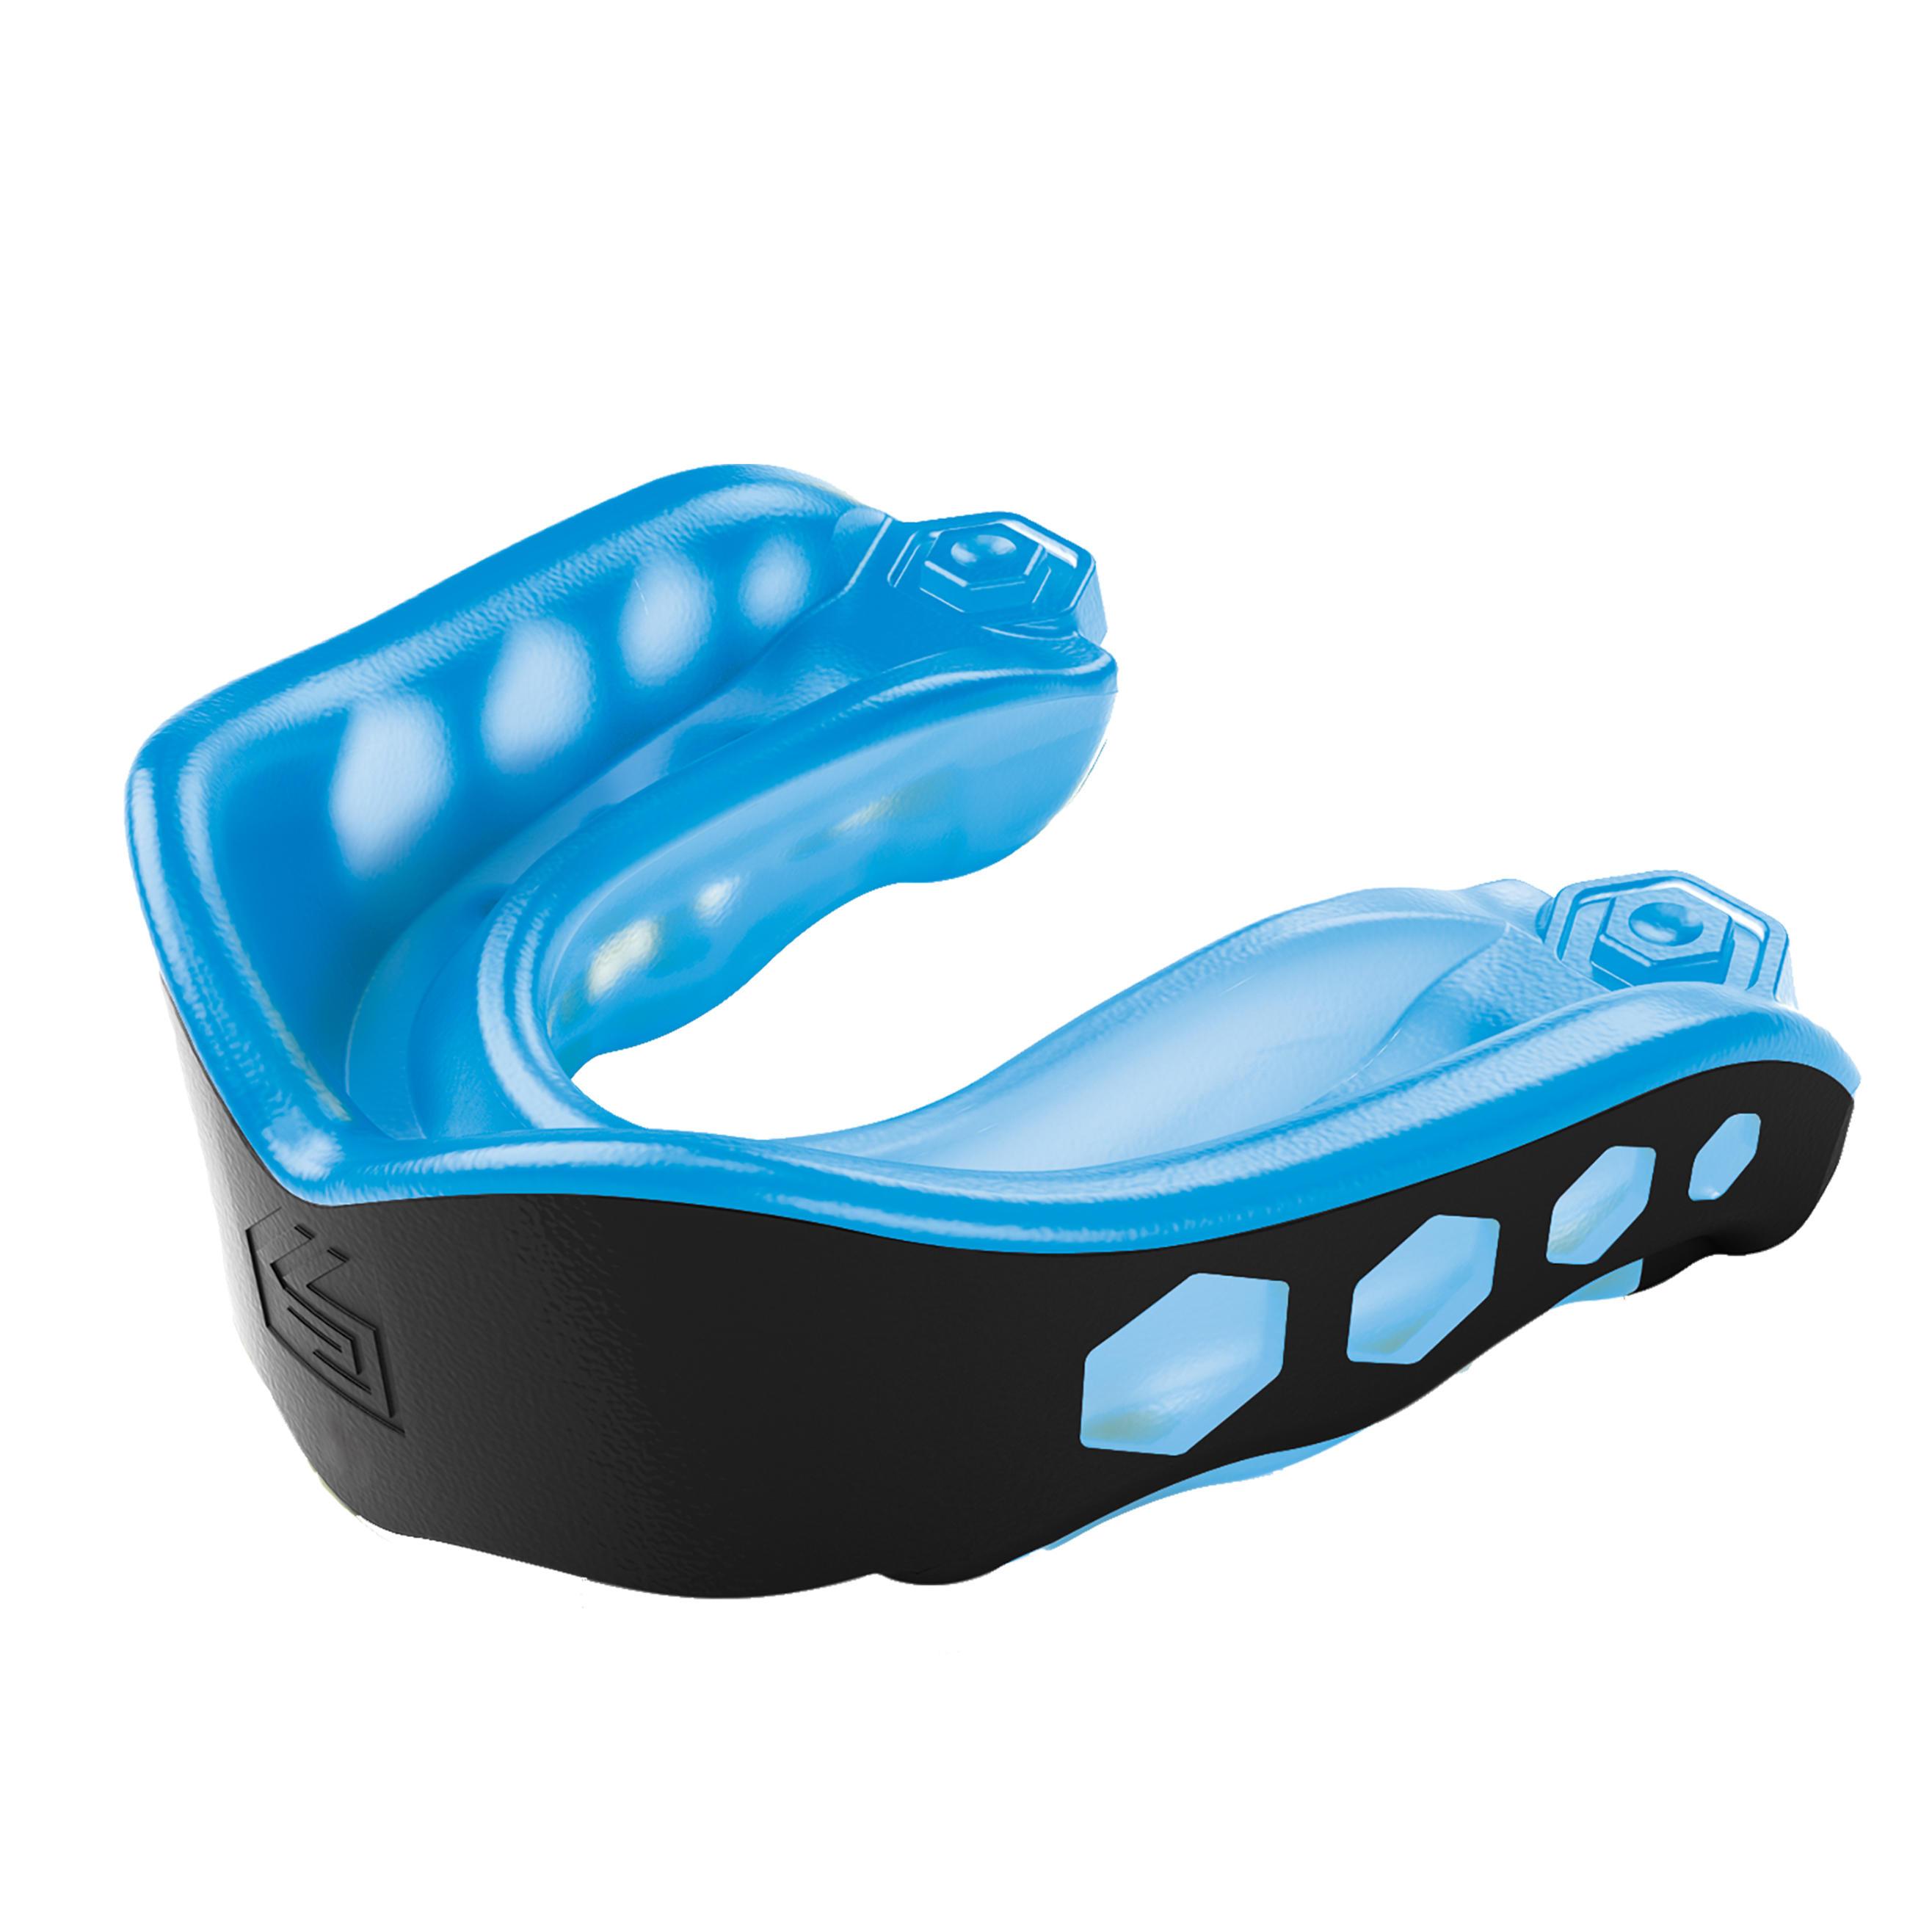 Protecţie dinţi GelMax la Reducere poza